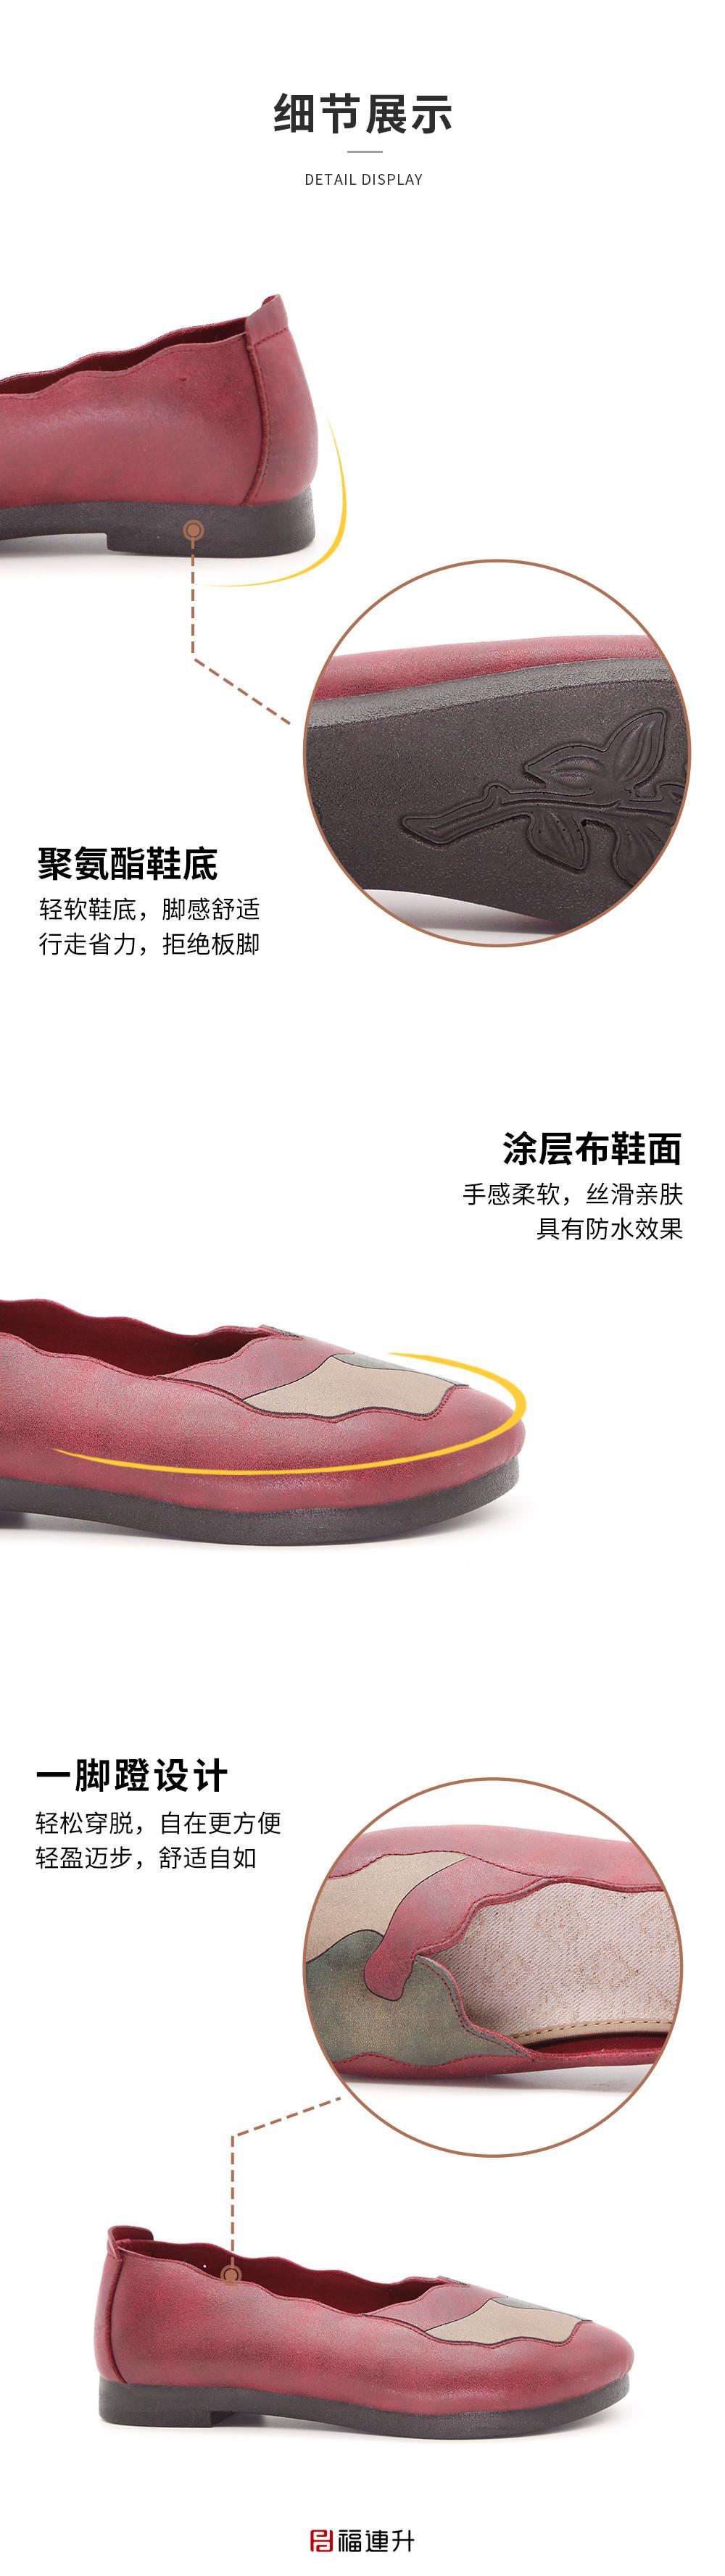 福连升妈妈鞋软底棉麻宽脚女休闲奶奶单鞋中老年鞋图片